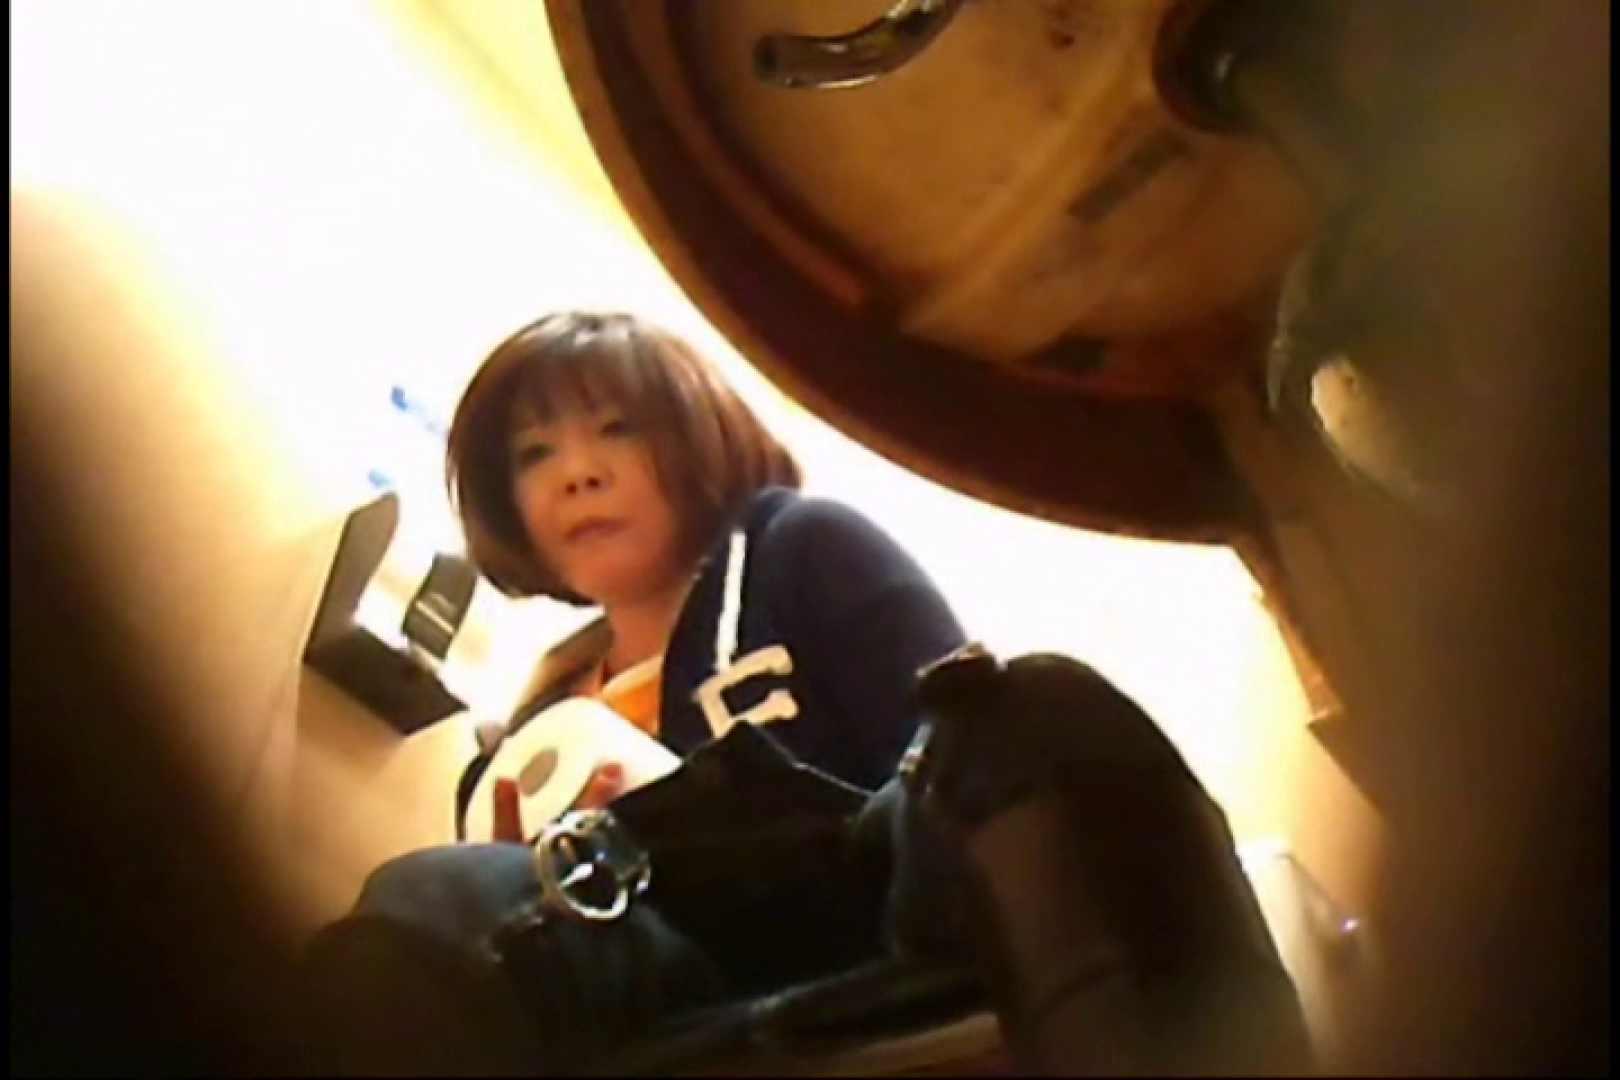 画質向上!新亀さん厠 vol.12 潜入 ワレメ無修正動画無料 102PIX 77